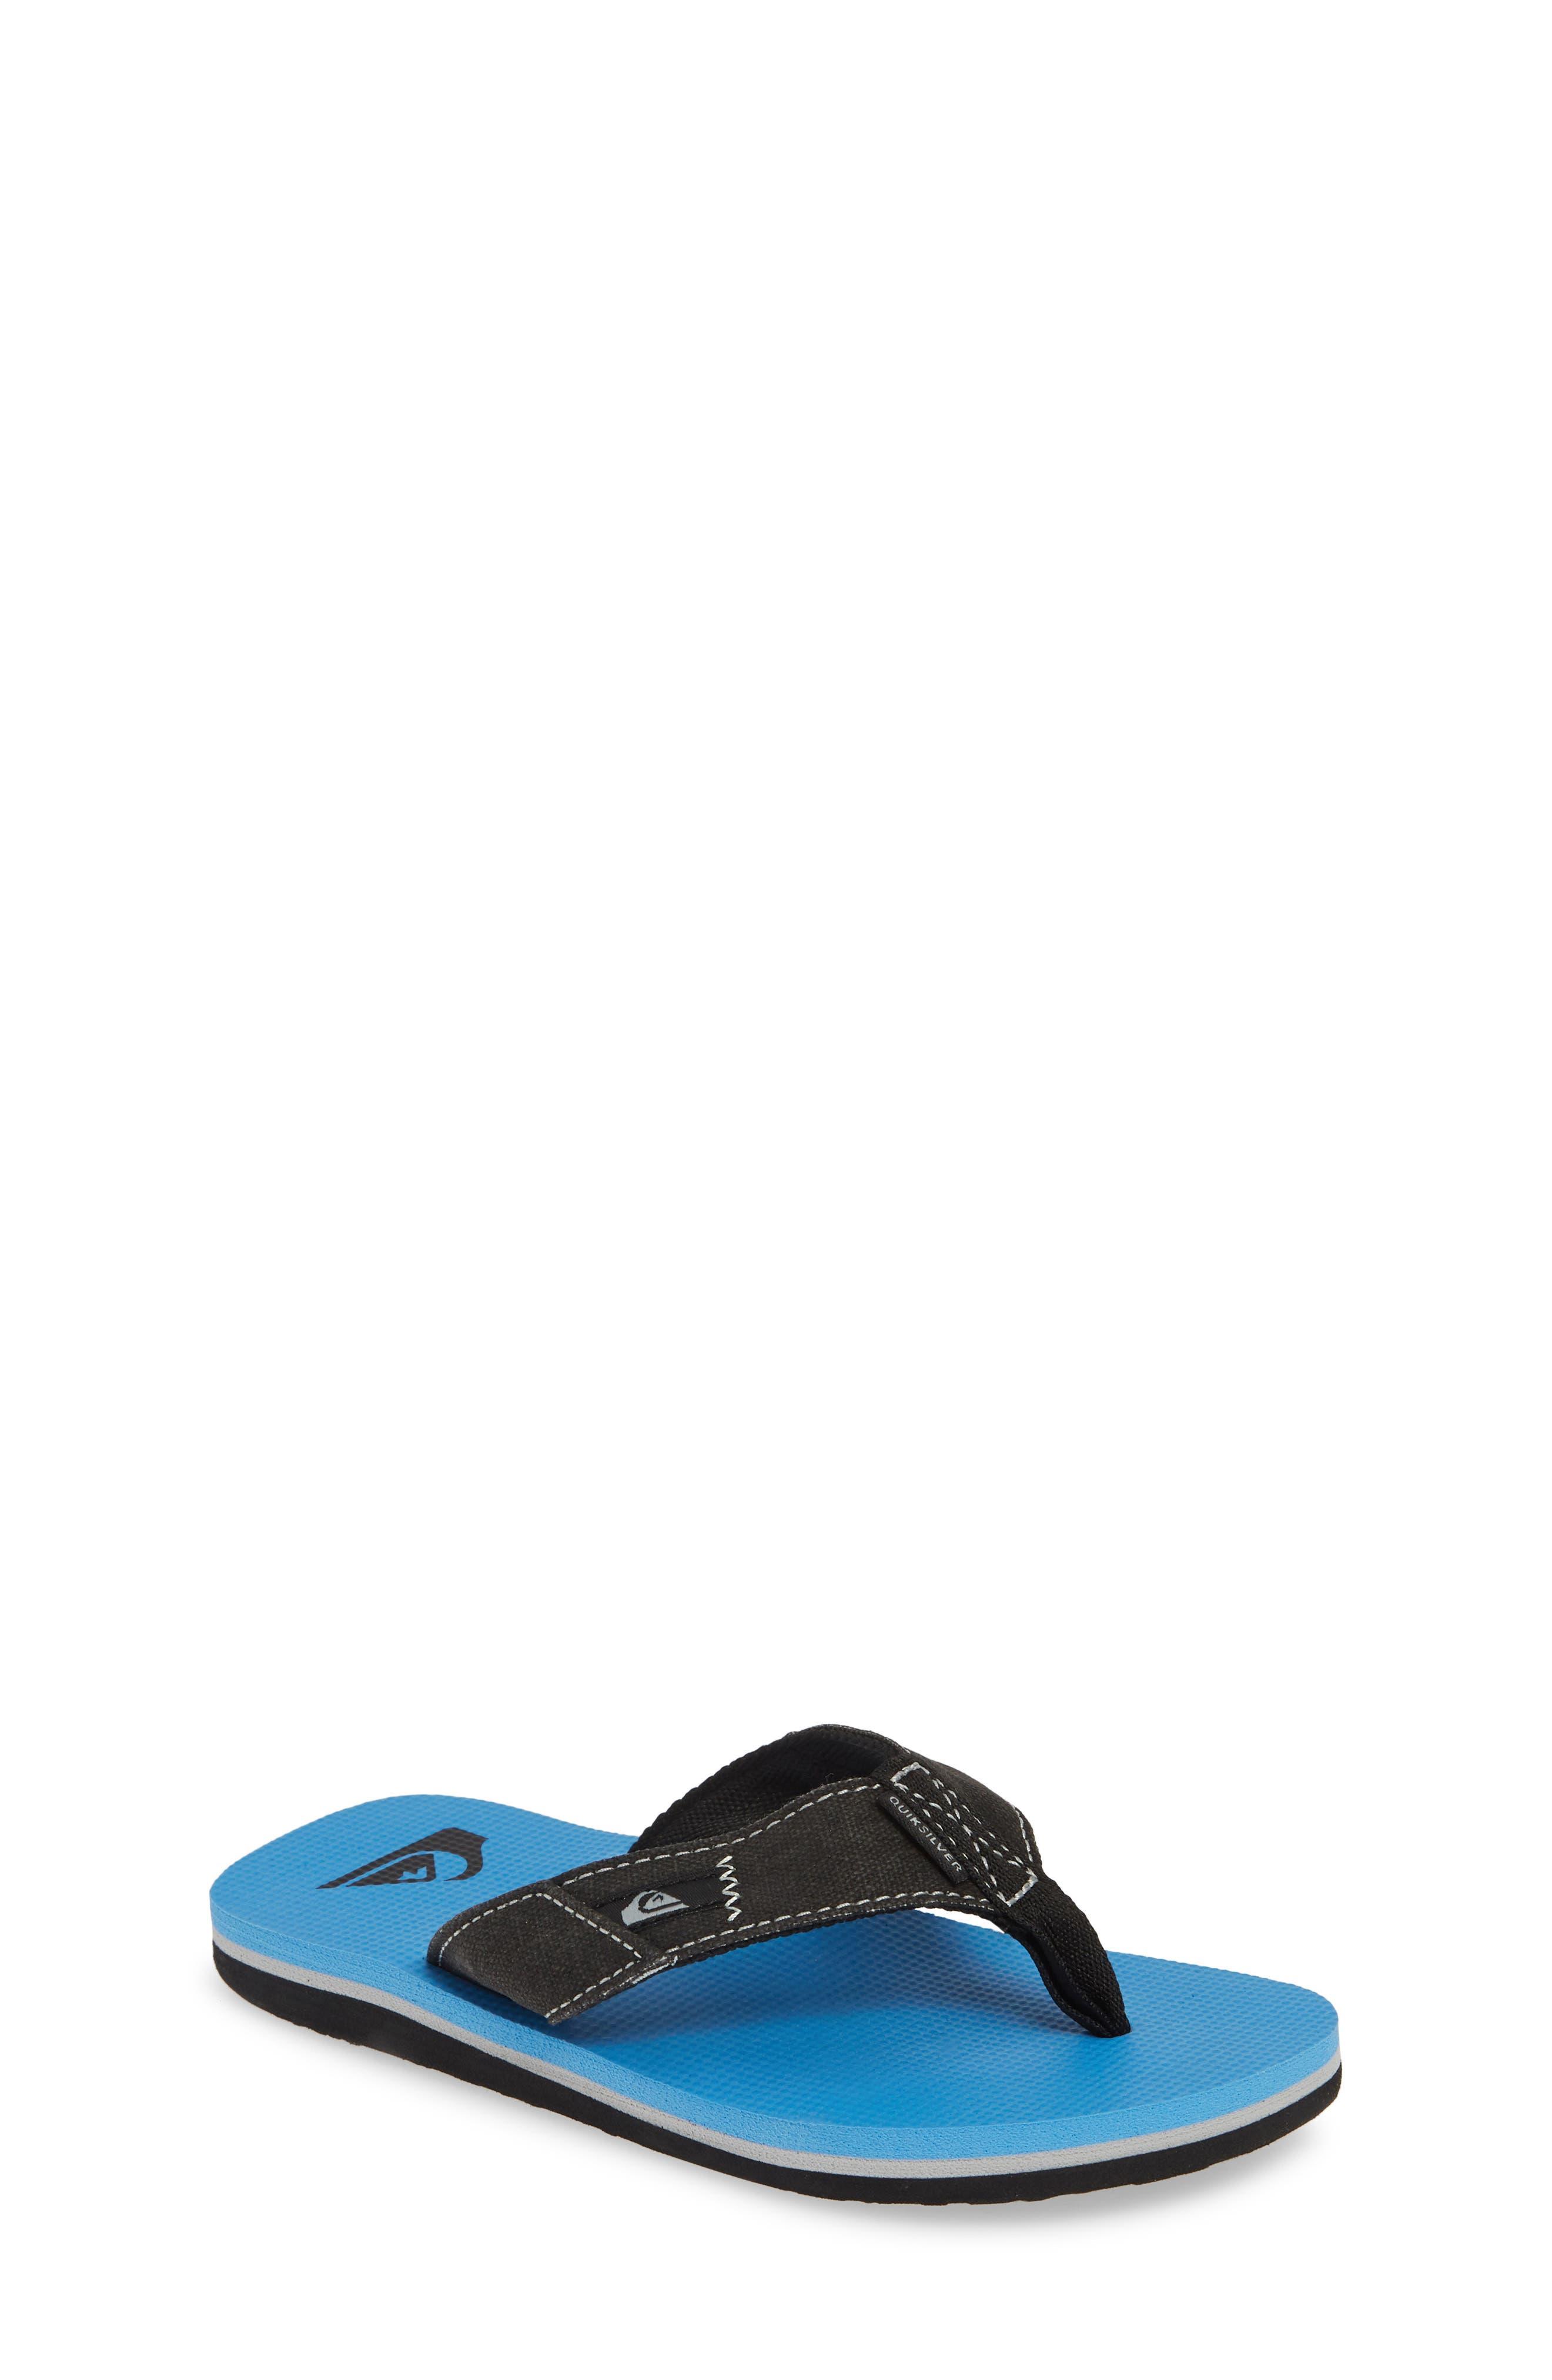 QUIKSILVER Molokai Abyss Flip Flop, Main, color, BLACK/ BLUE/ BLACK